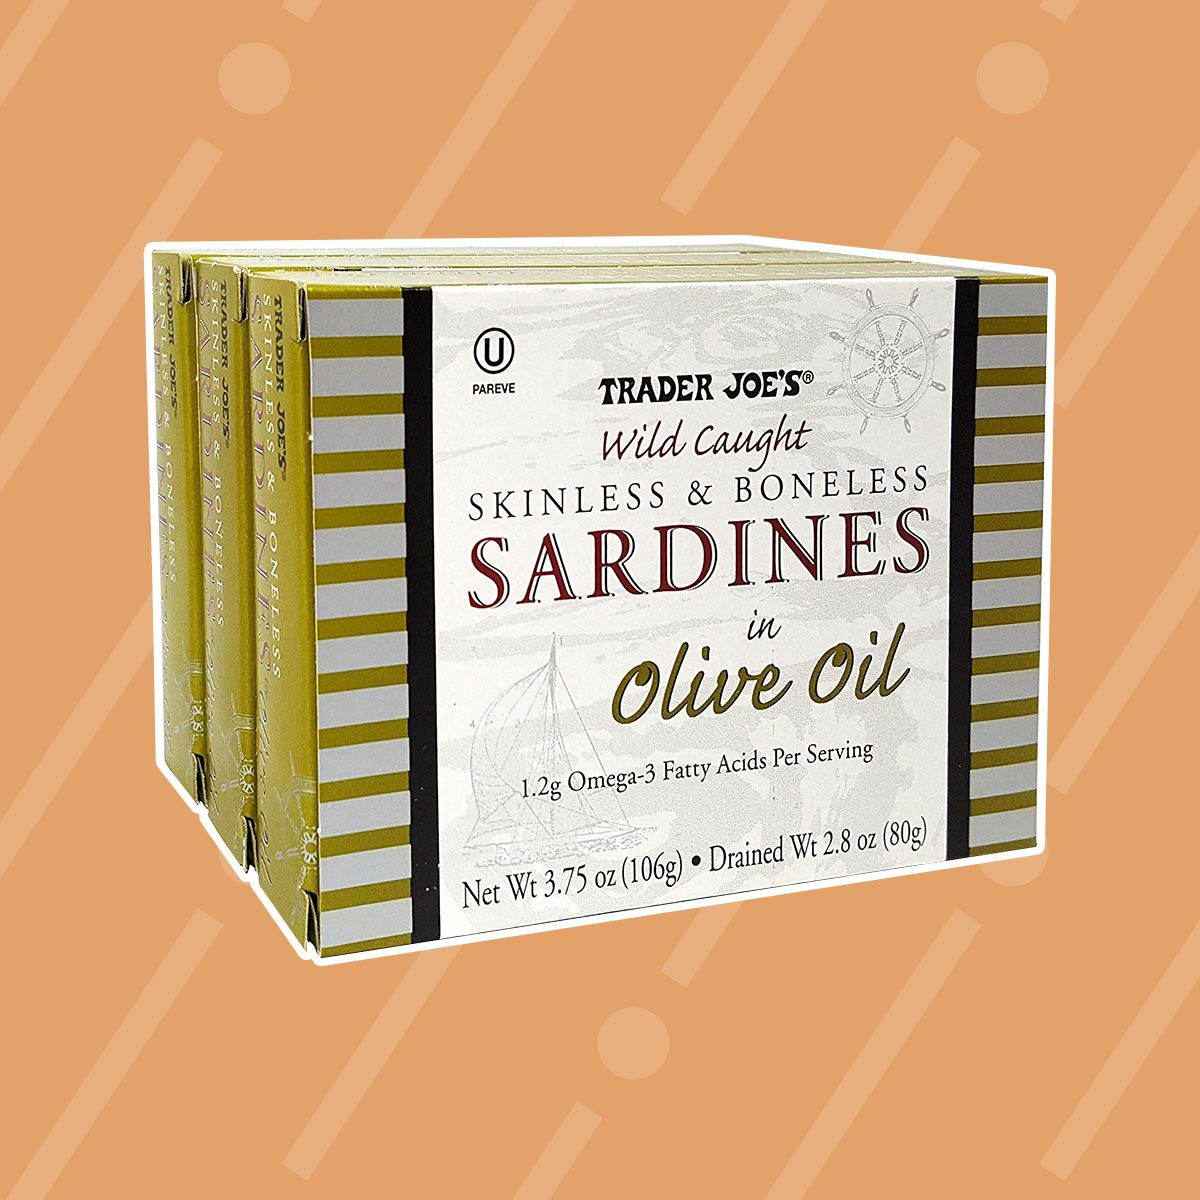 Trader Joe's: Trader Joe's Skinless & Boneless Sardines in Olive Oil